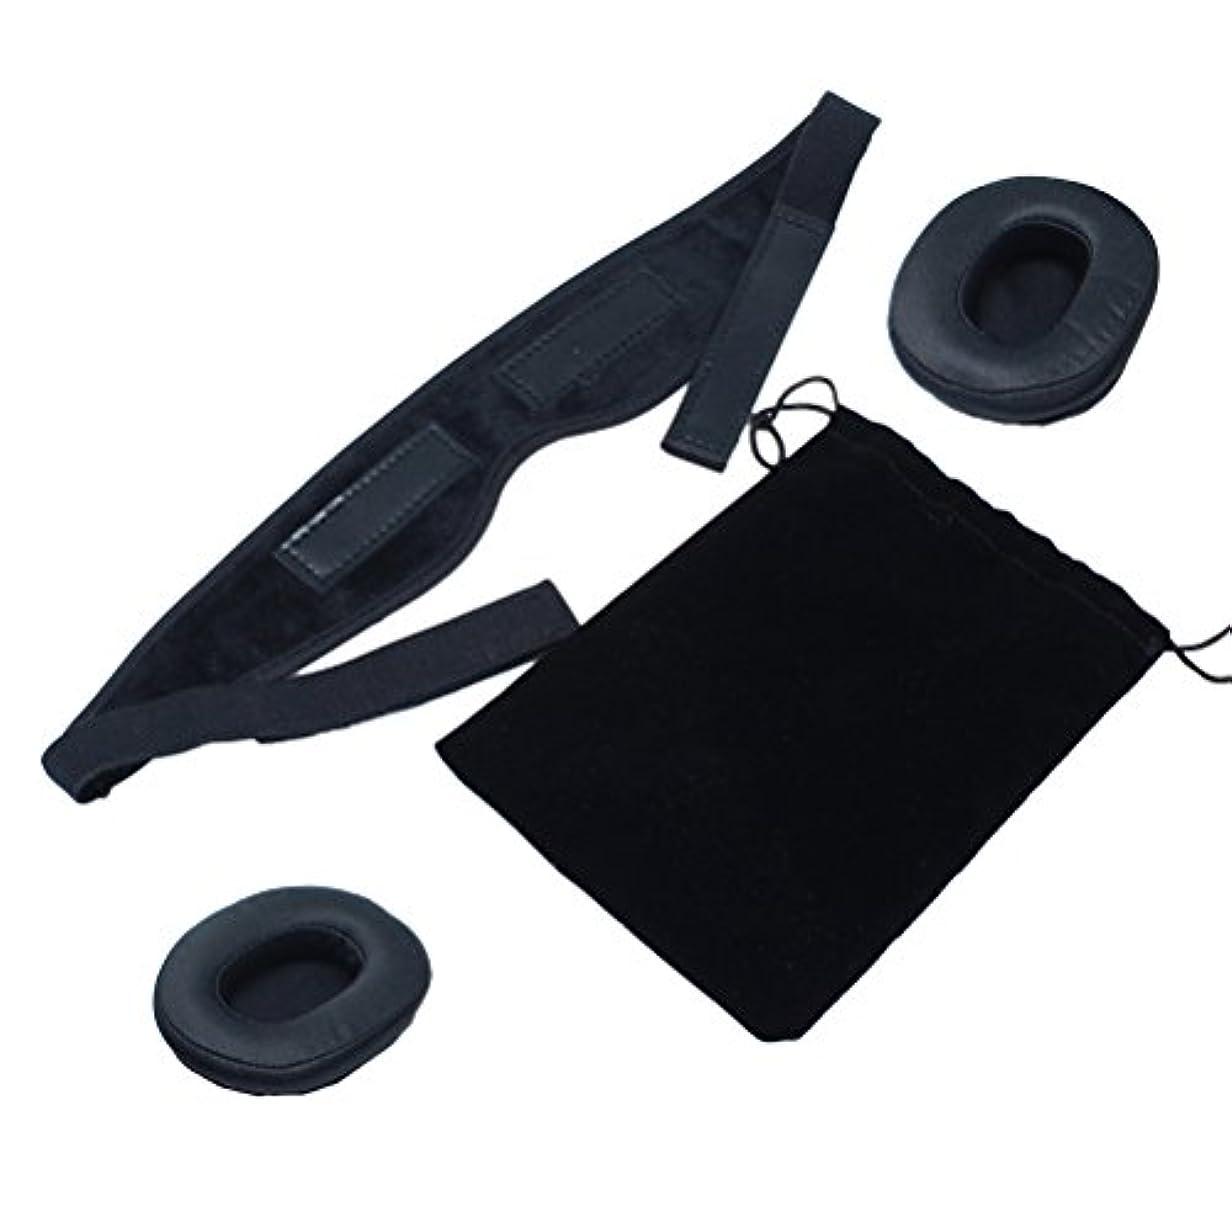 力オデュッセウス遮るHealifty モジュラースリープマスク調節可能な3Dアイマスクナイトブラインダーアイズハンドレディースキッズキッズ